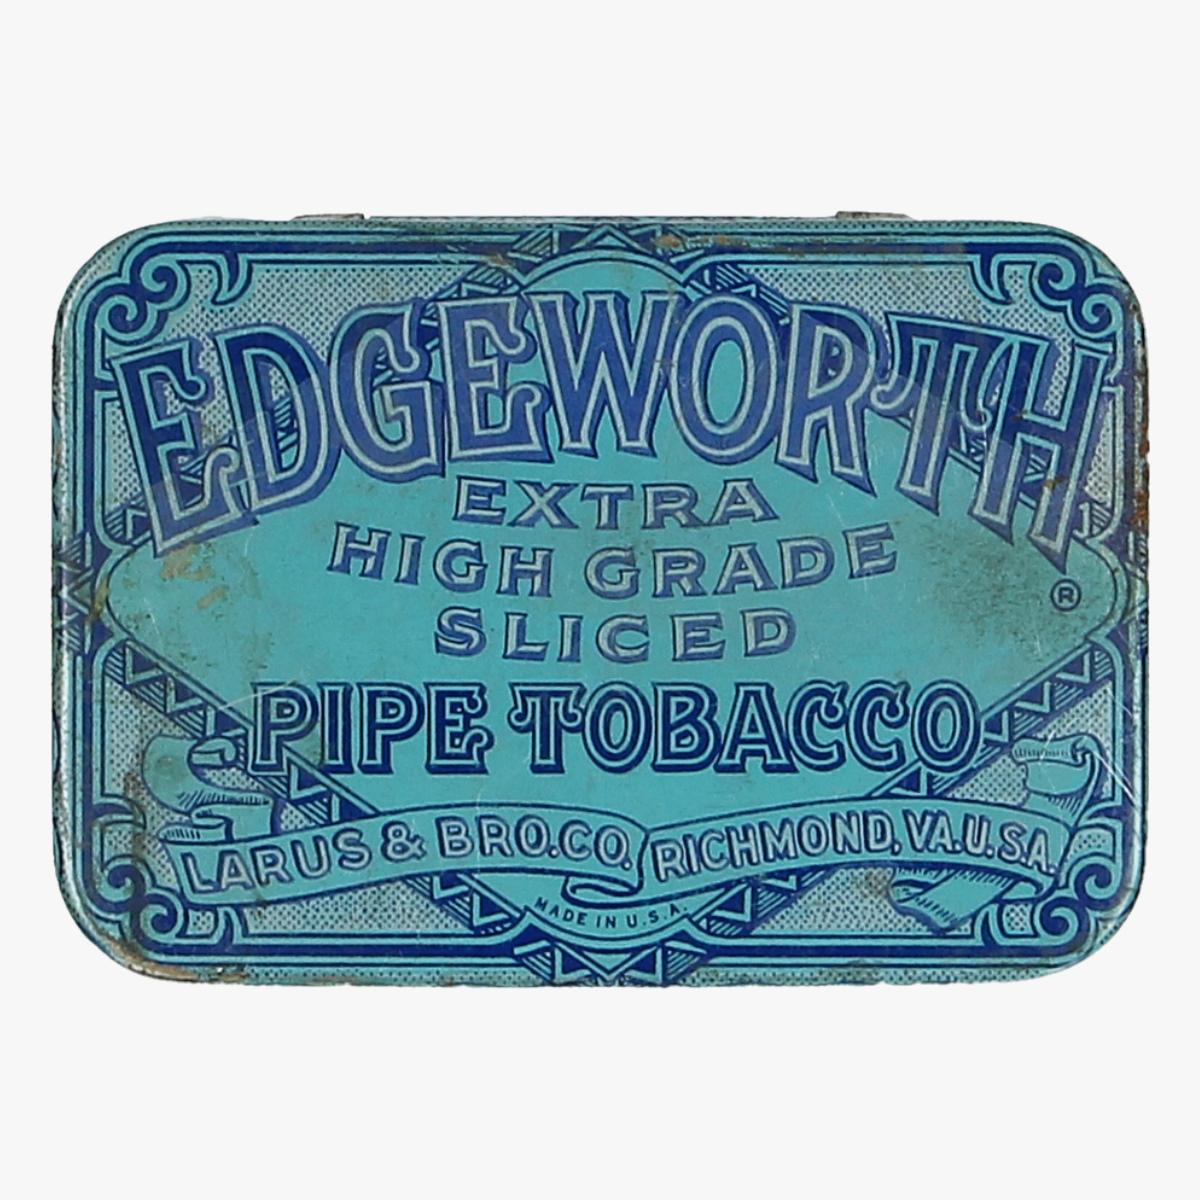 Afbeeldingen van blikken doosje pijp tabak edgeworth